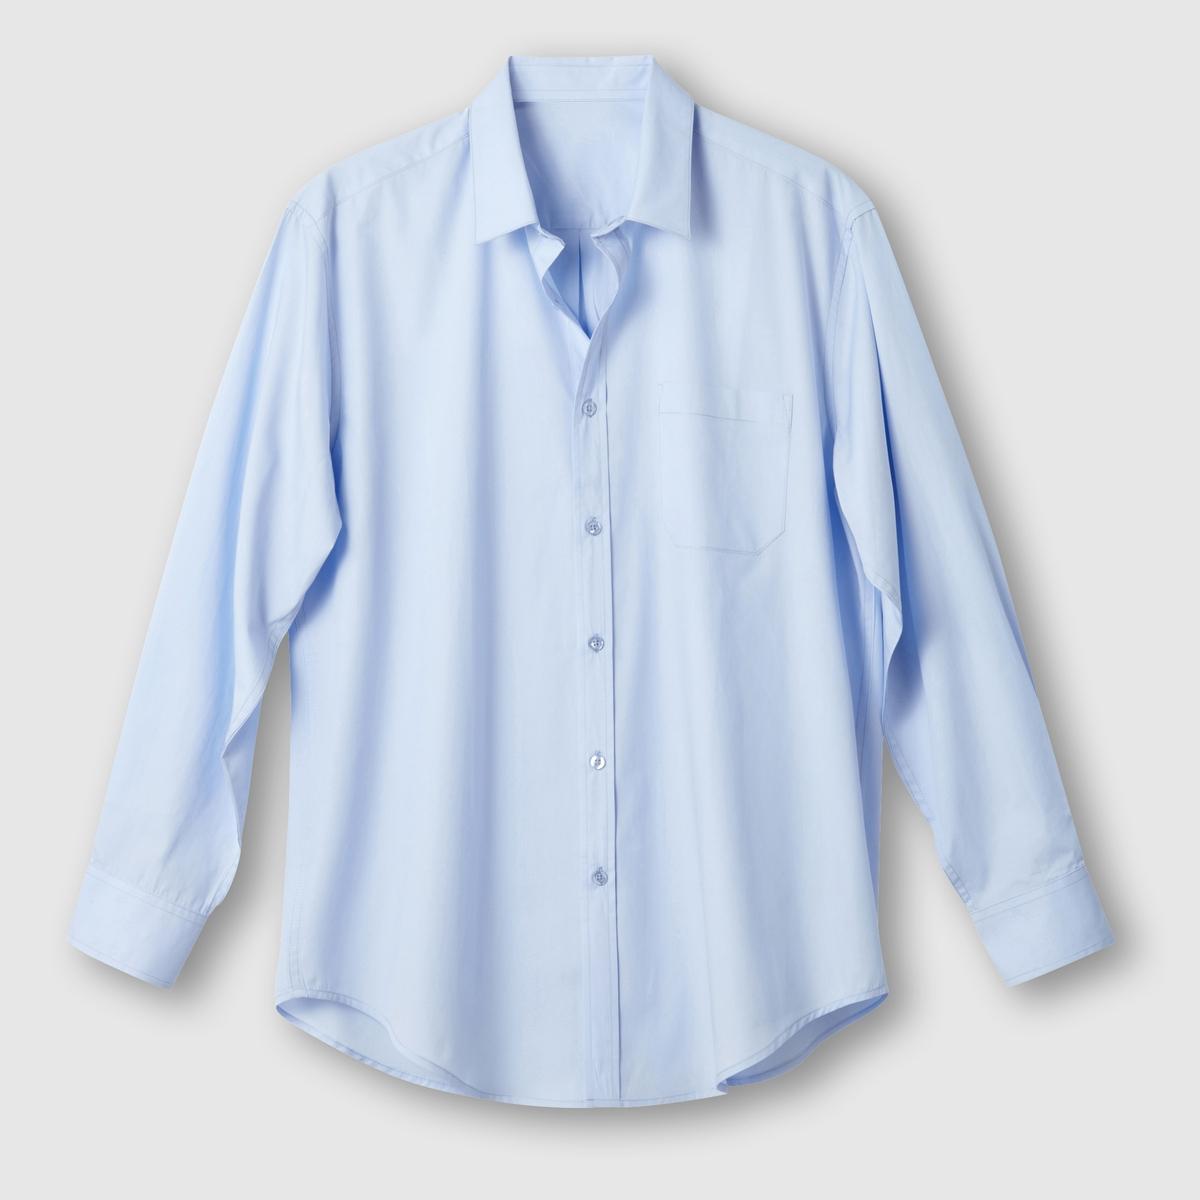 Рубашка из поплина с длинными рукавами, рост 1Рост 1 (при росте до 176 см) : - длина рубашки спереди : 83 см для размера 41/42 и 90 см для размера 55/56.- длина рукавов : 62 см.Данная модель представлена также для роста 2 (при росте 176-187 см) и 3 (при росте от 187 см) и с короткими рукавами.<br><br>Цвет: белый,голубой,темно-синий,черный<br>Размер: 41/42.53/54.49/50.43/44.47/48.45/46.55/56.41/42.51/52.49/50.43/44